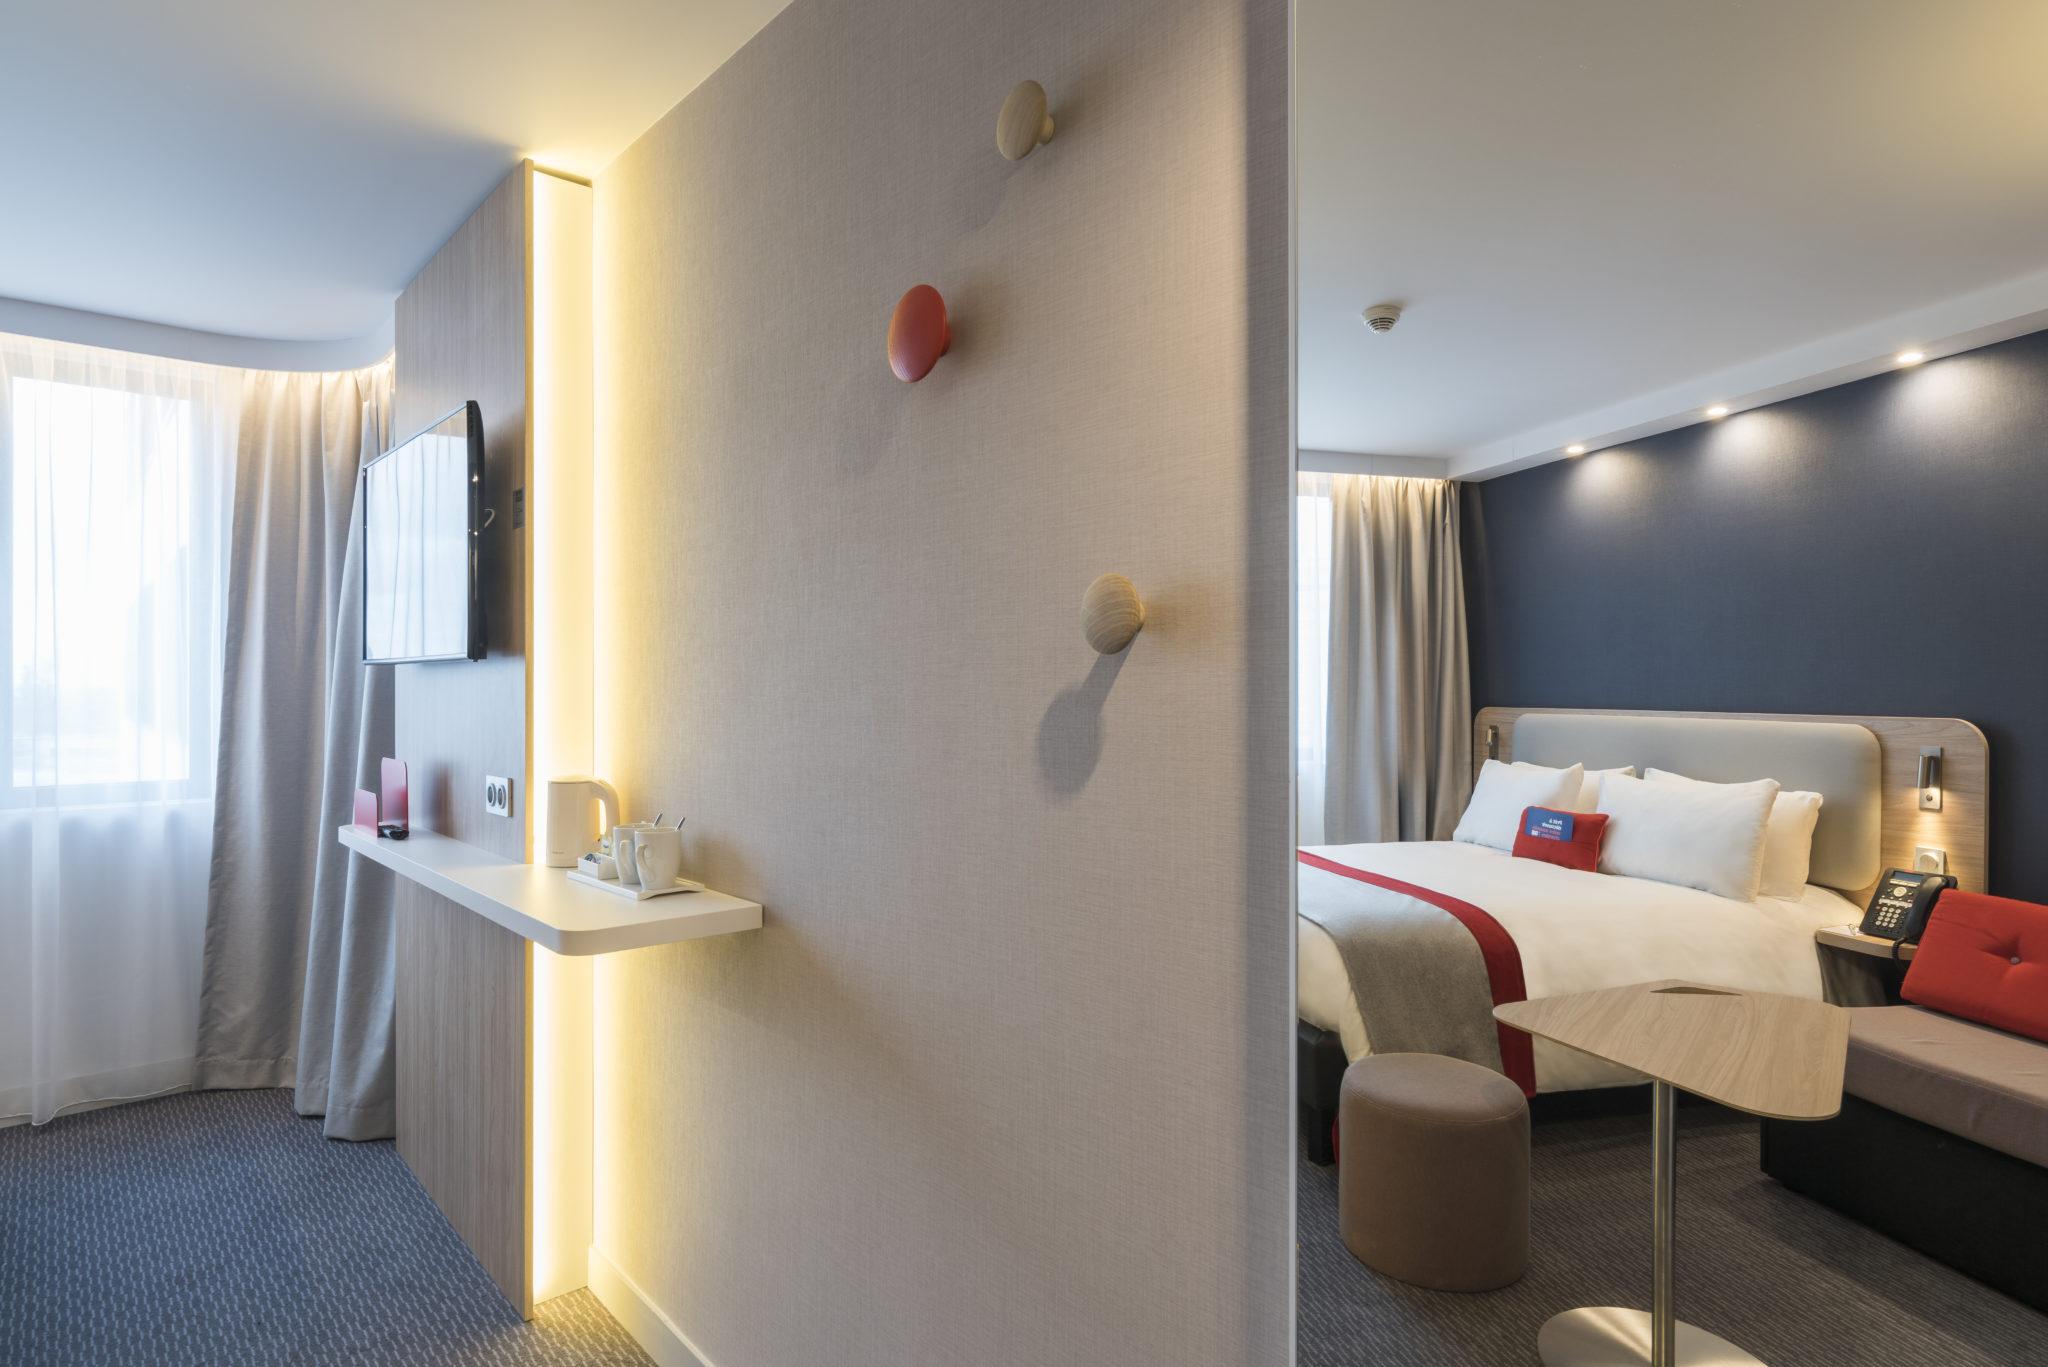 Holiday Inn Express Paris - CDG Airport (14)